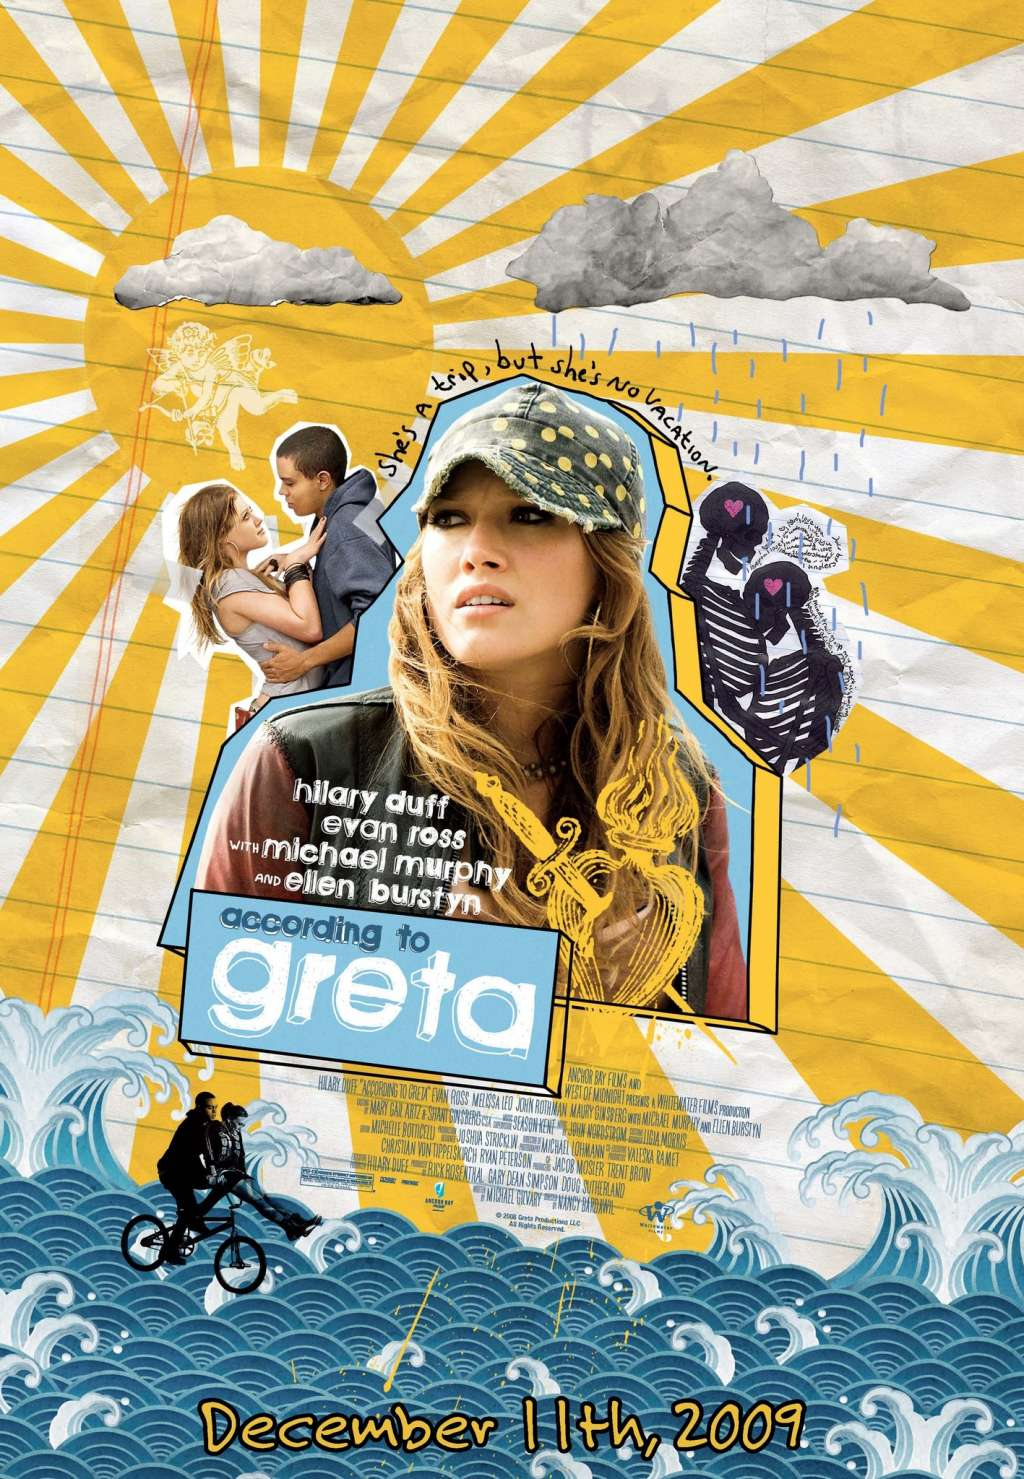 According to Greta kapak